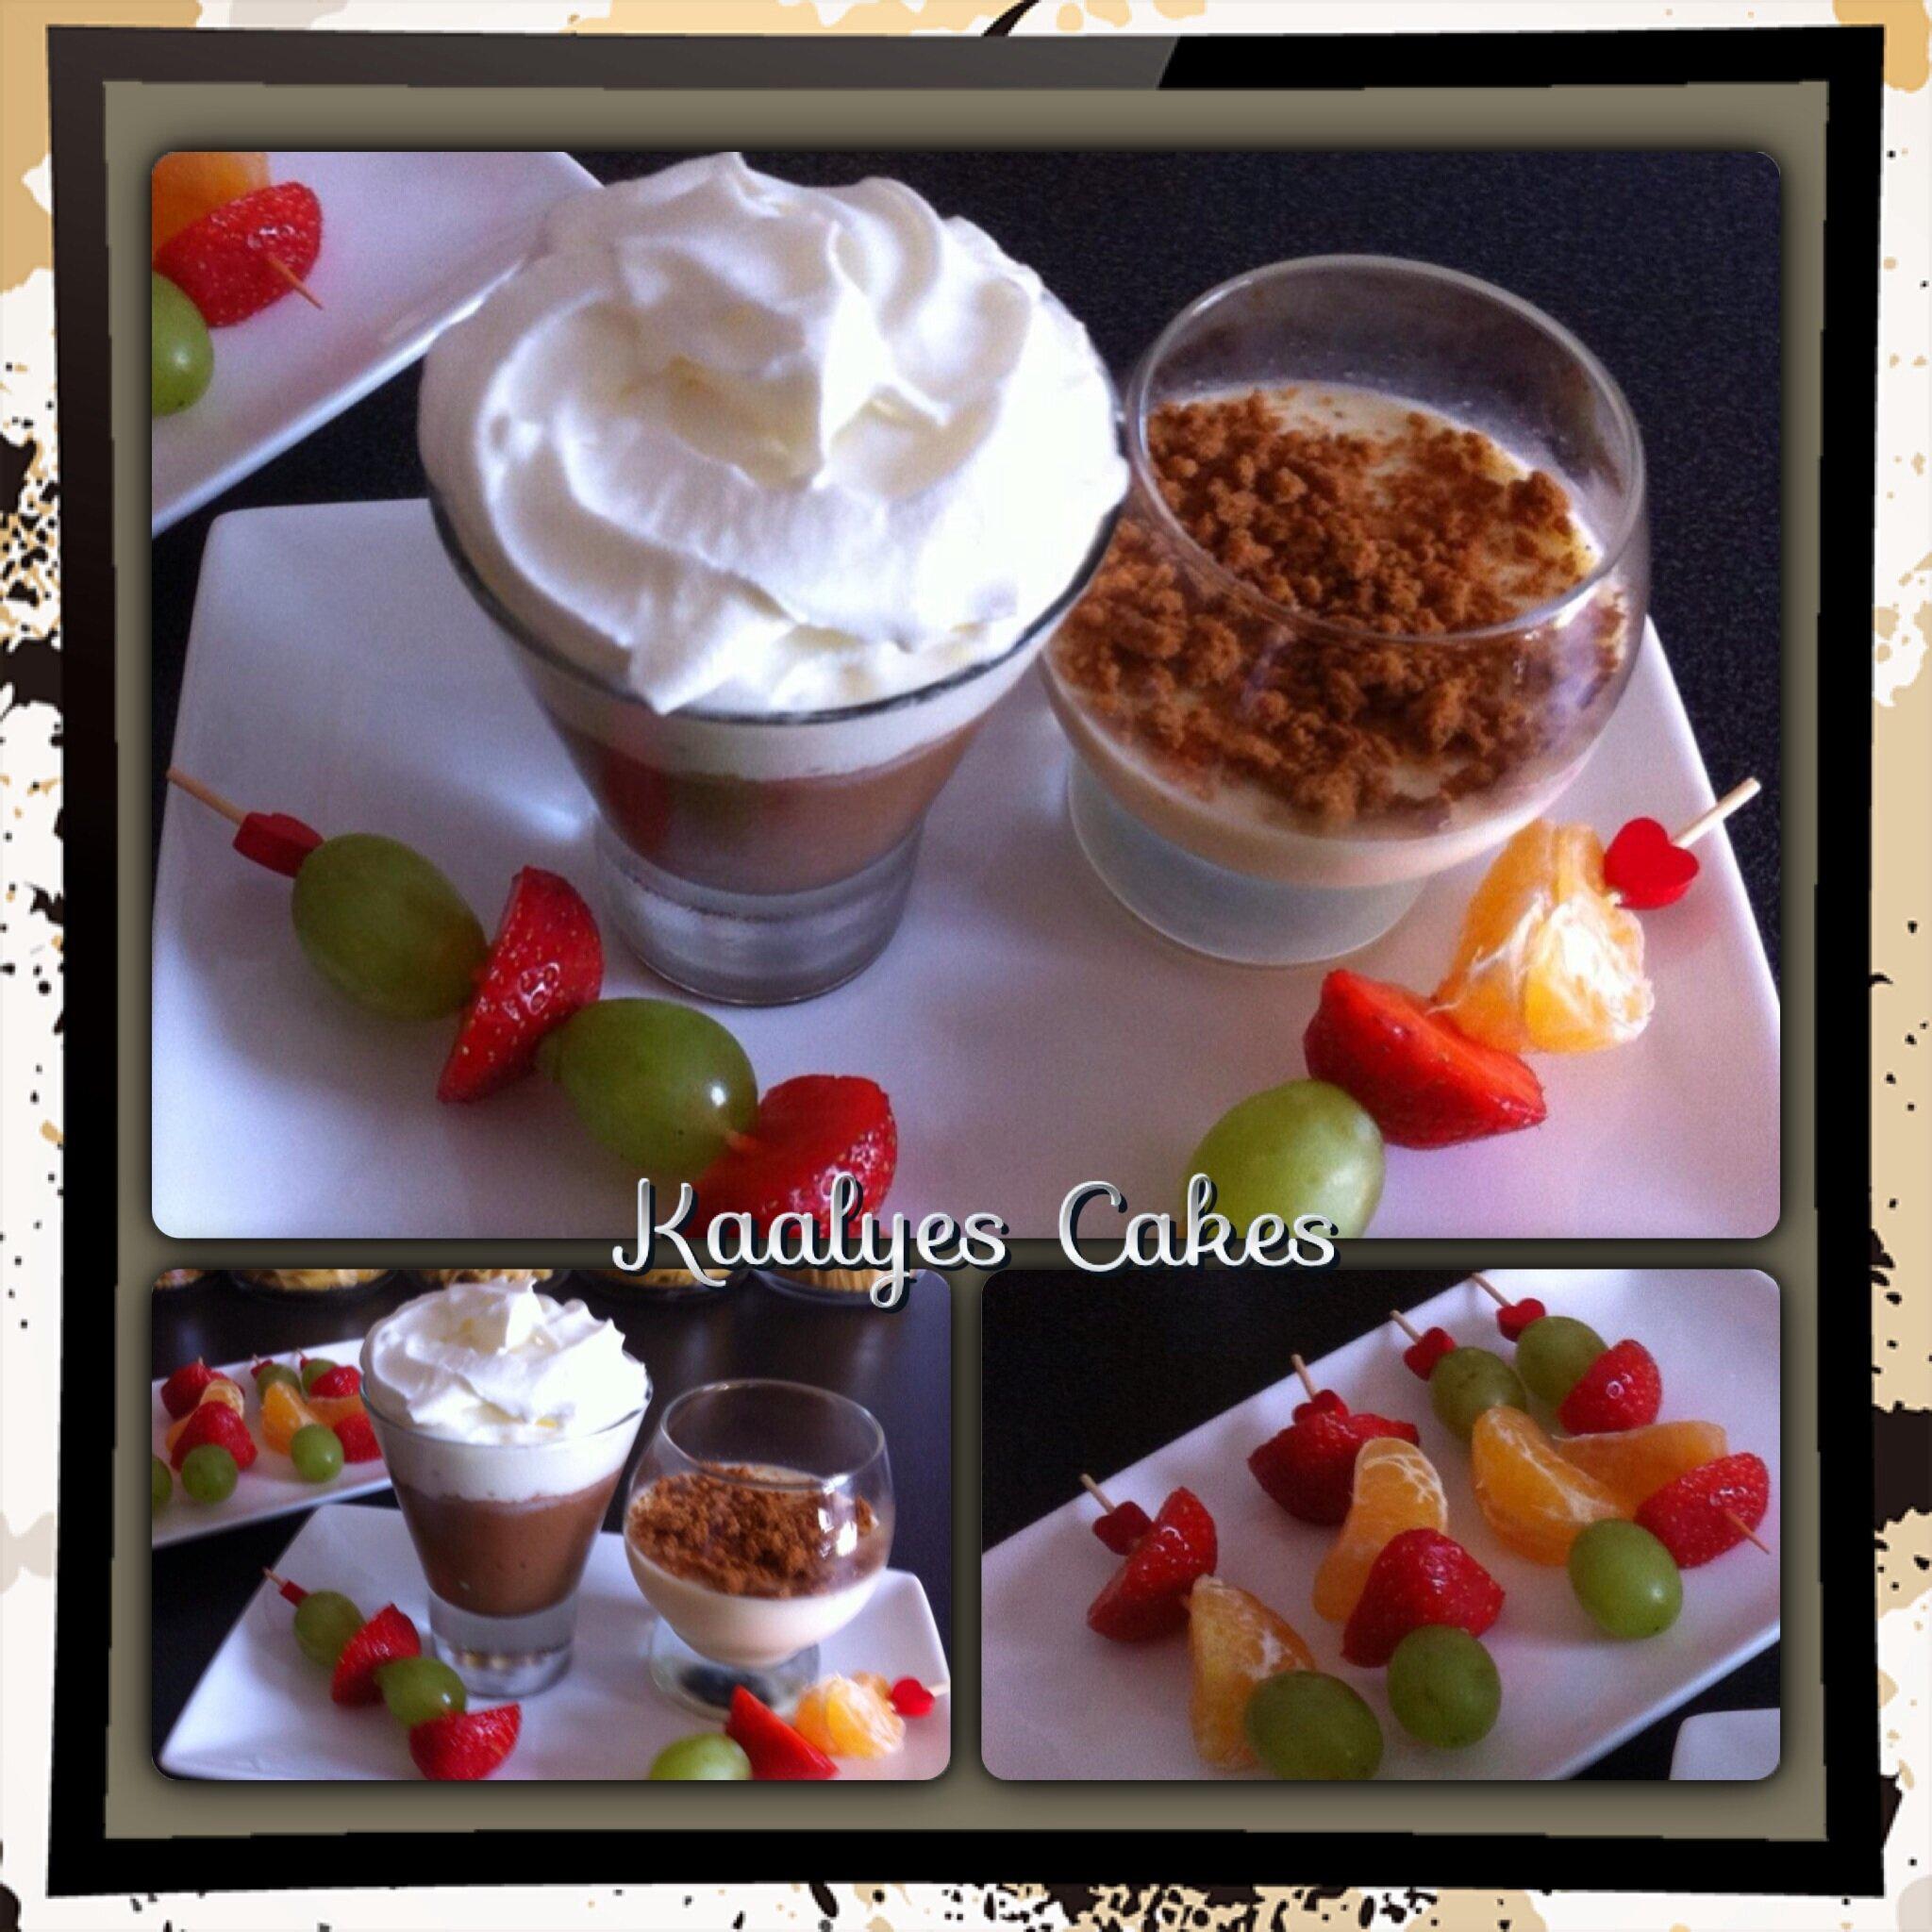 Mousse chocolat liégeoise & panna-cotta vanille spéculos